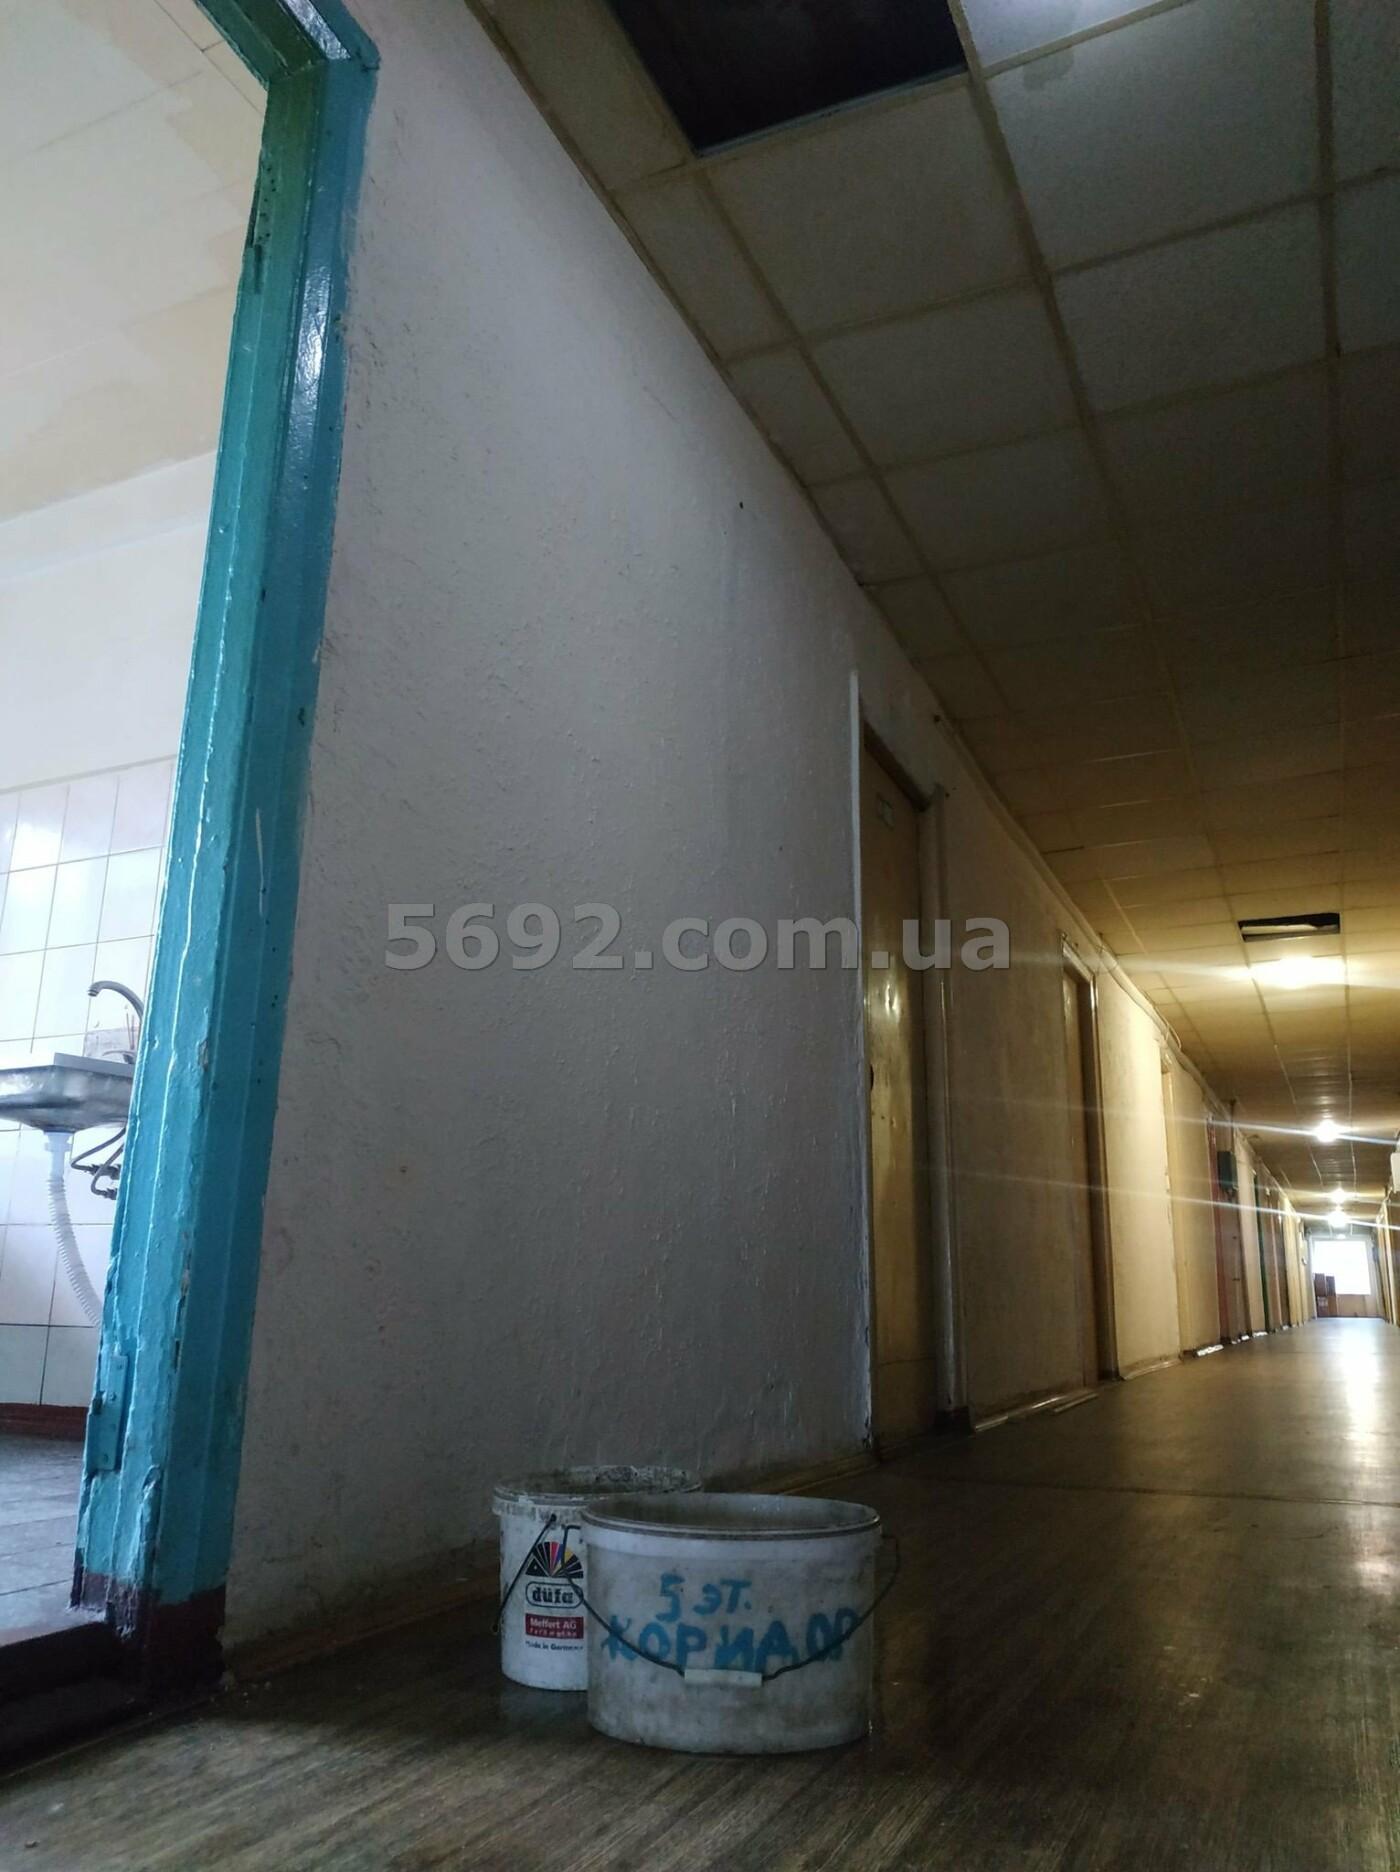 В общежитии ДНУ в Днепре обвалился потолок, фото-3